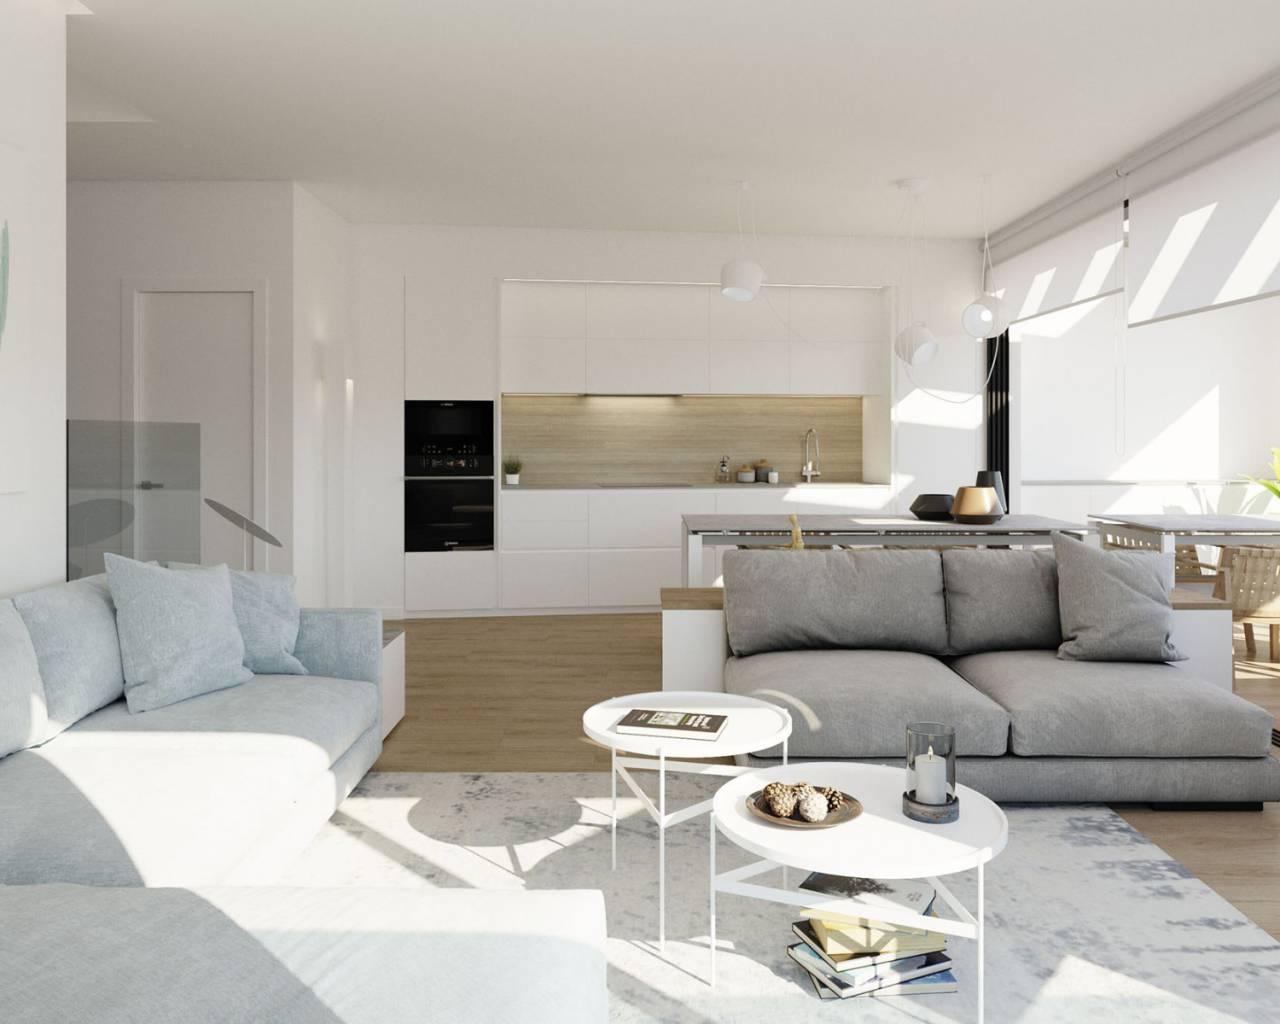 nieuwbouw-appartement-montforte-del-cid-font-del-llop_3142_xl